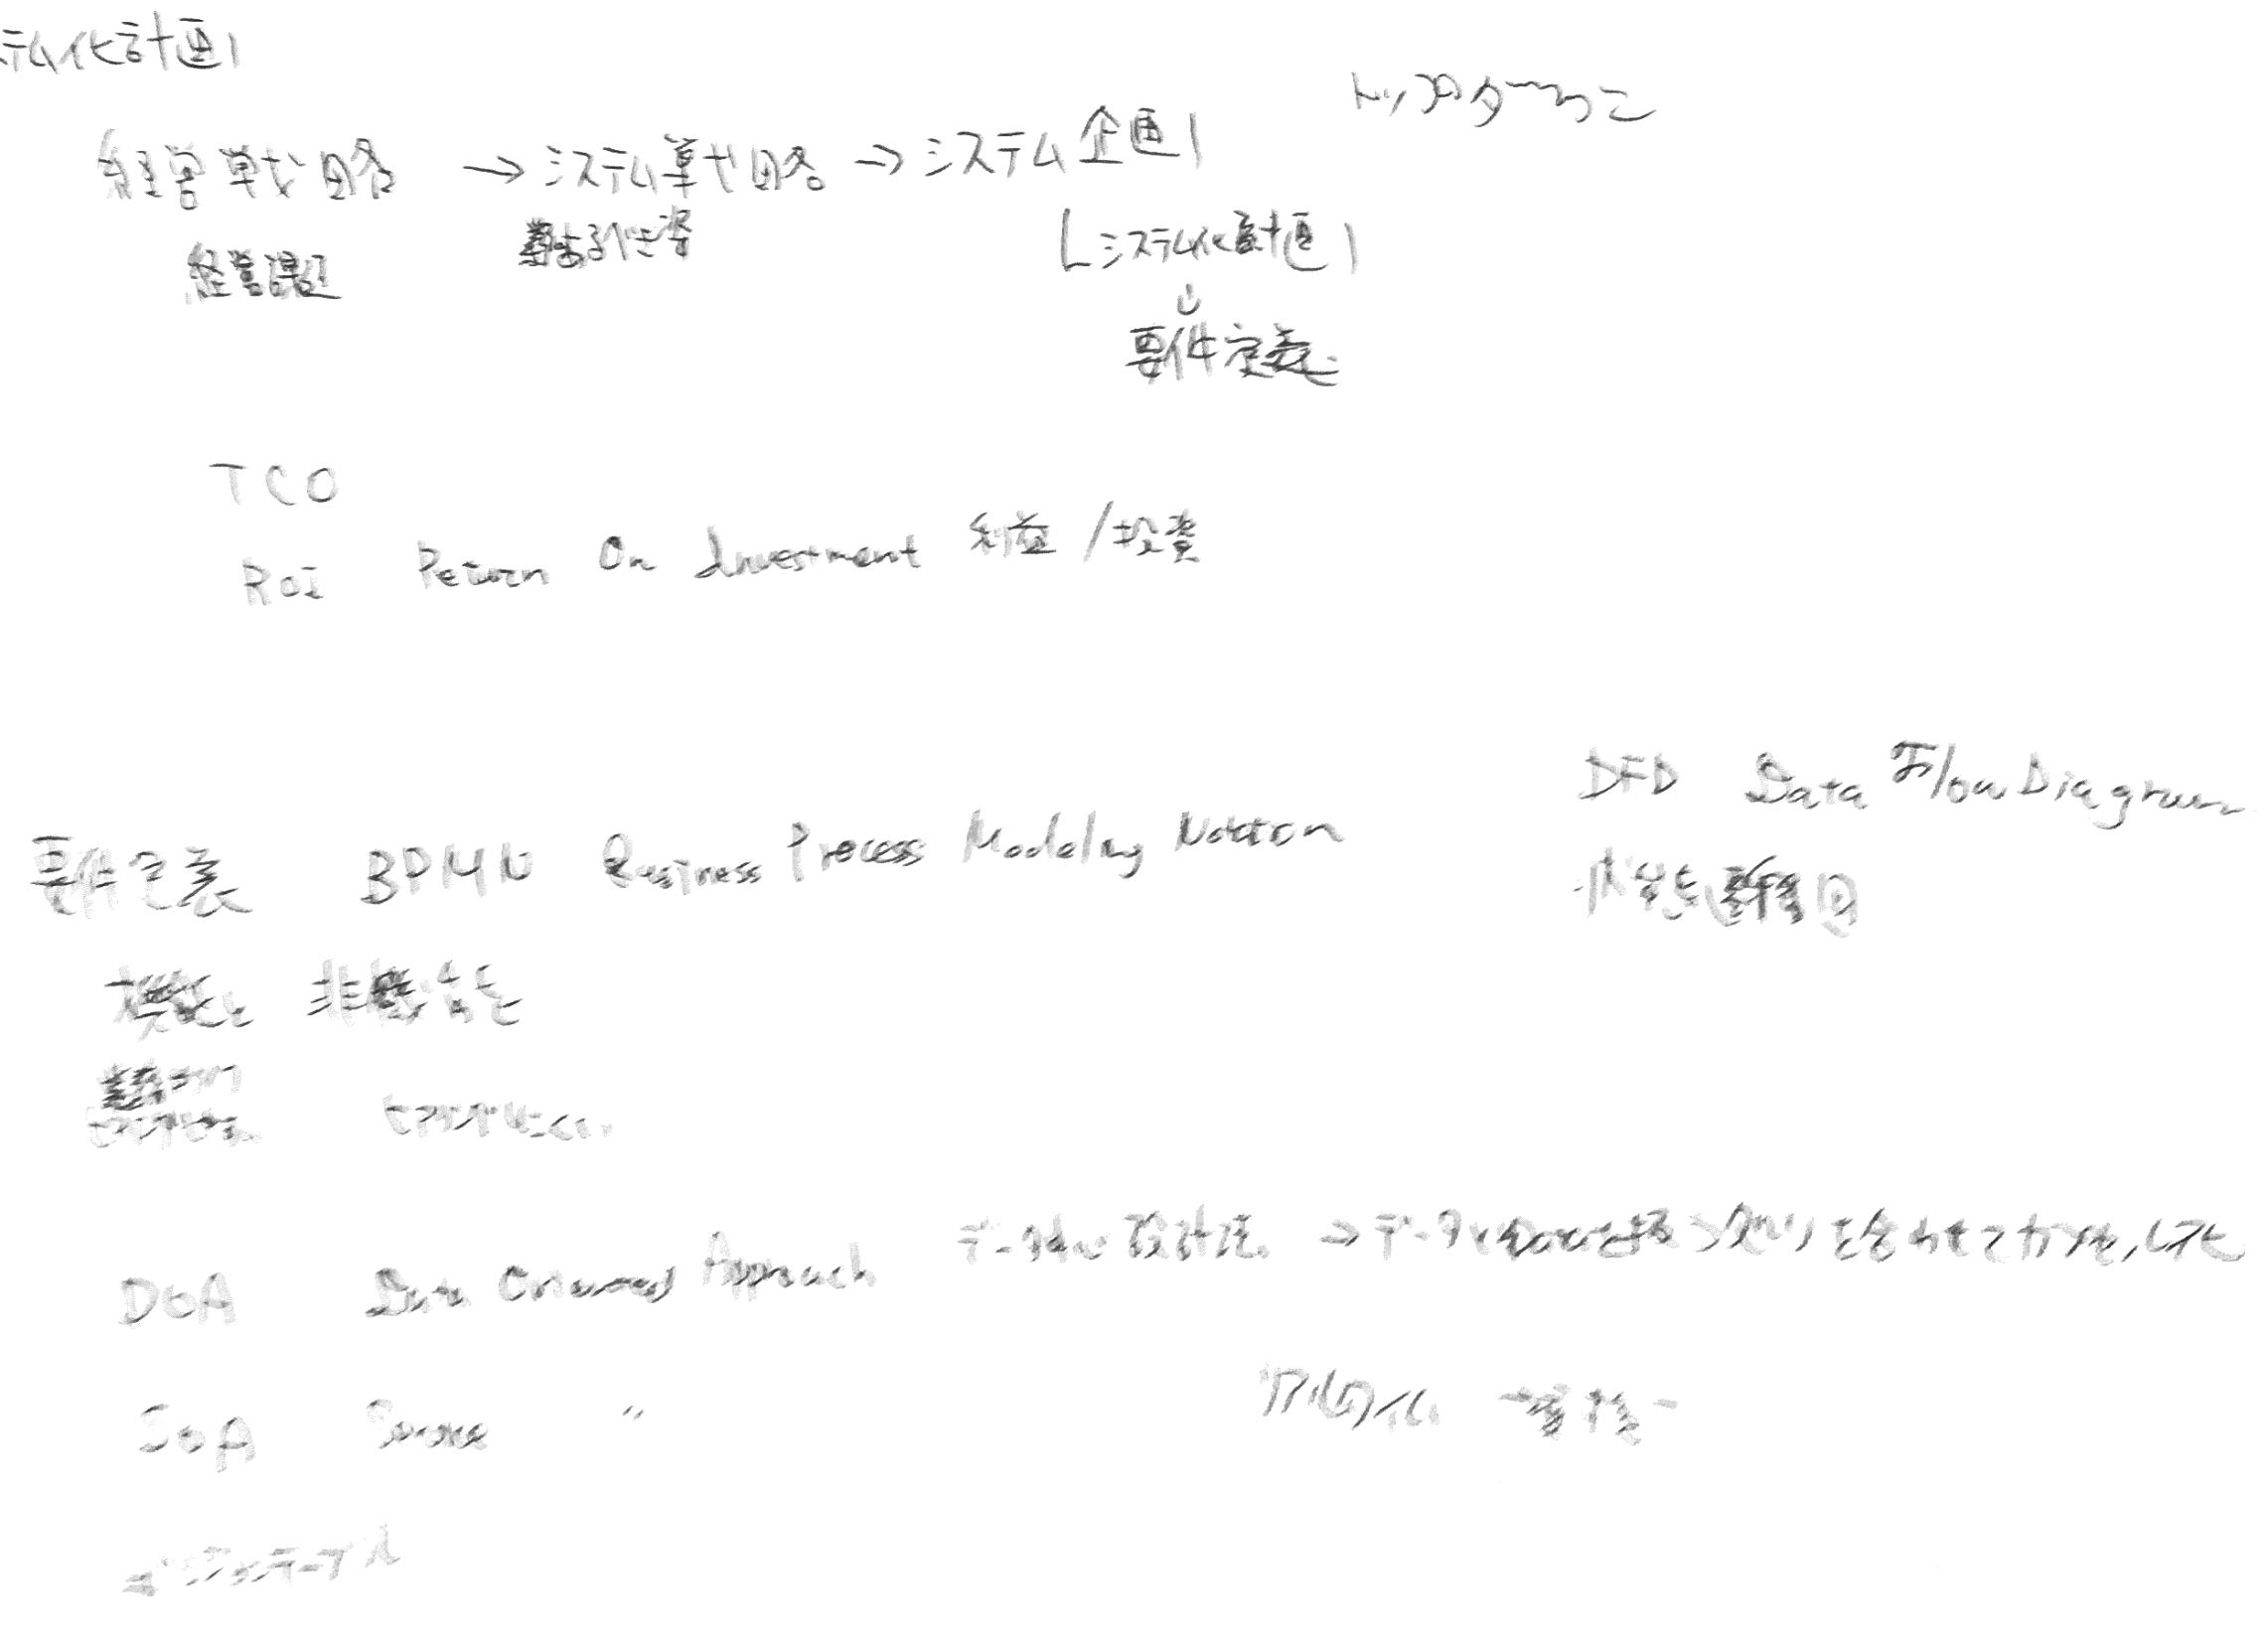 プロジェクトマネージャ試験_筆記-4.png